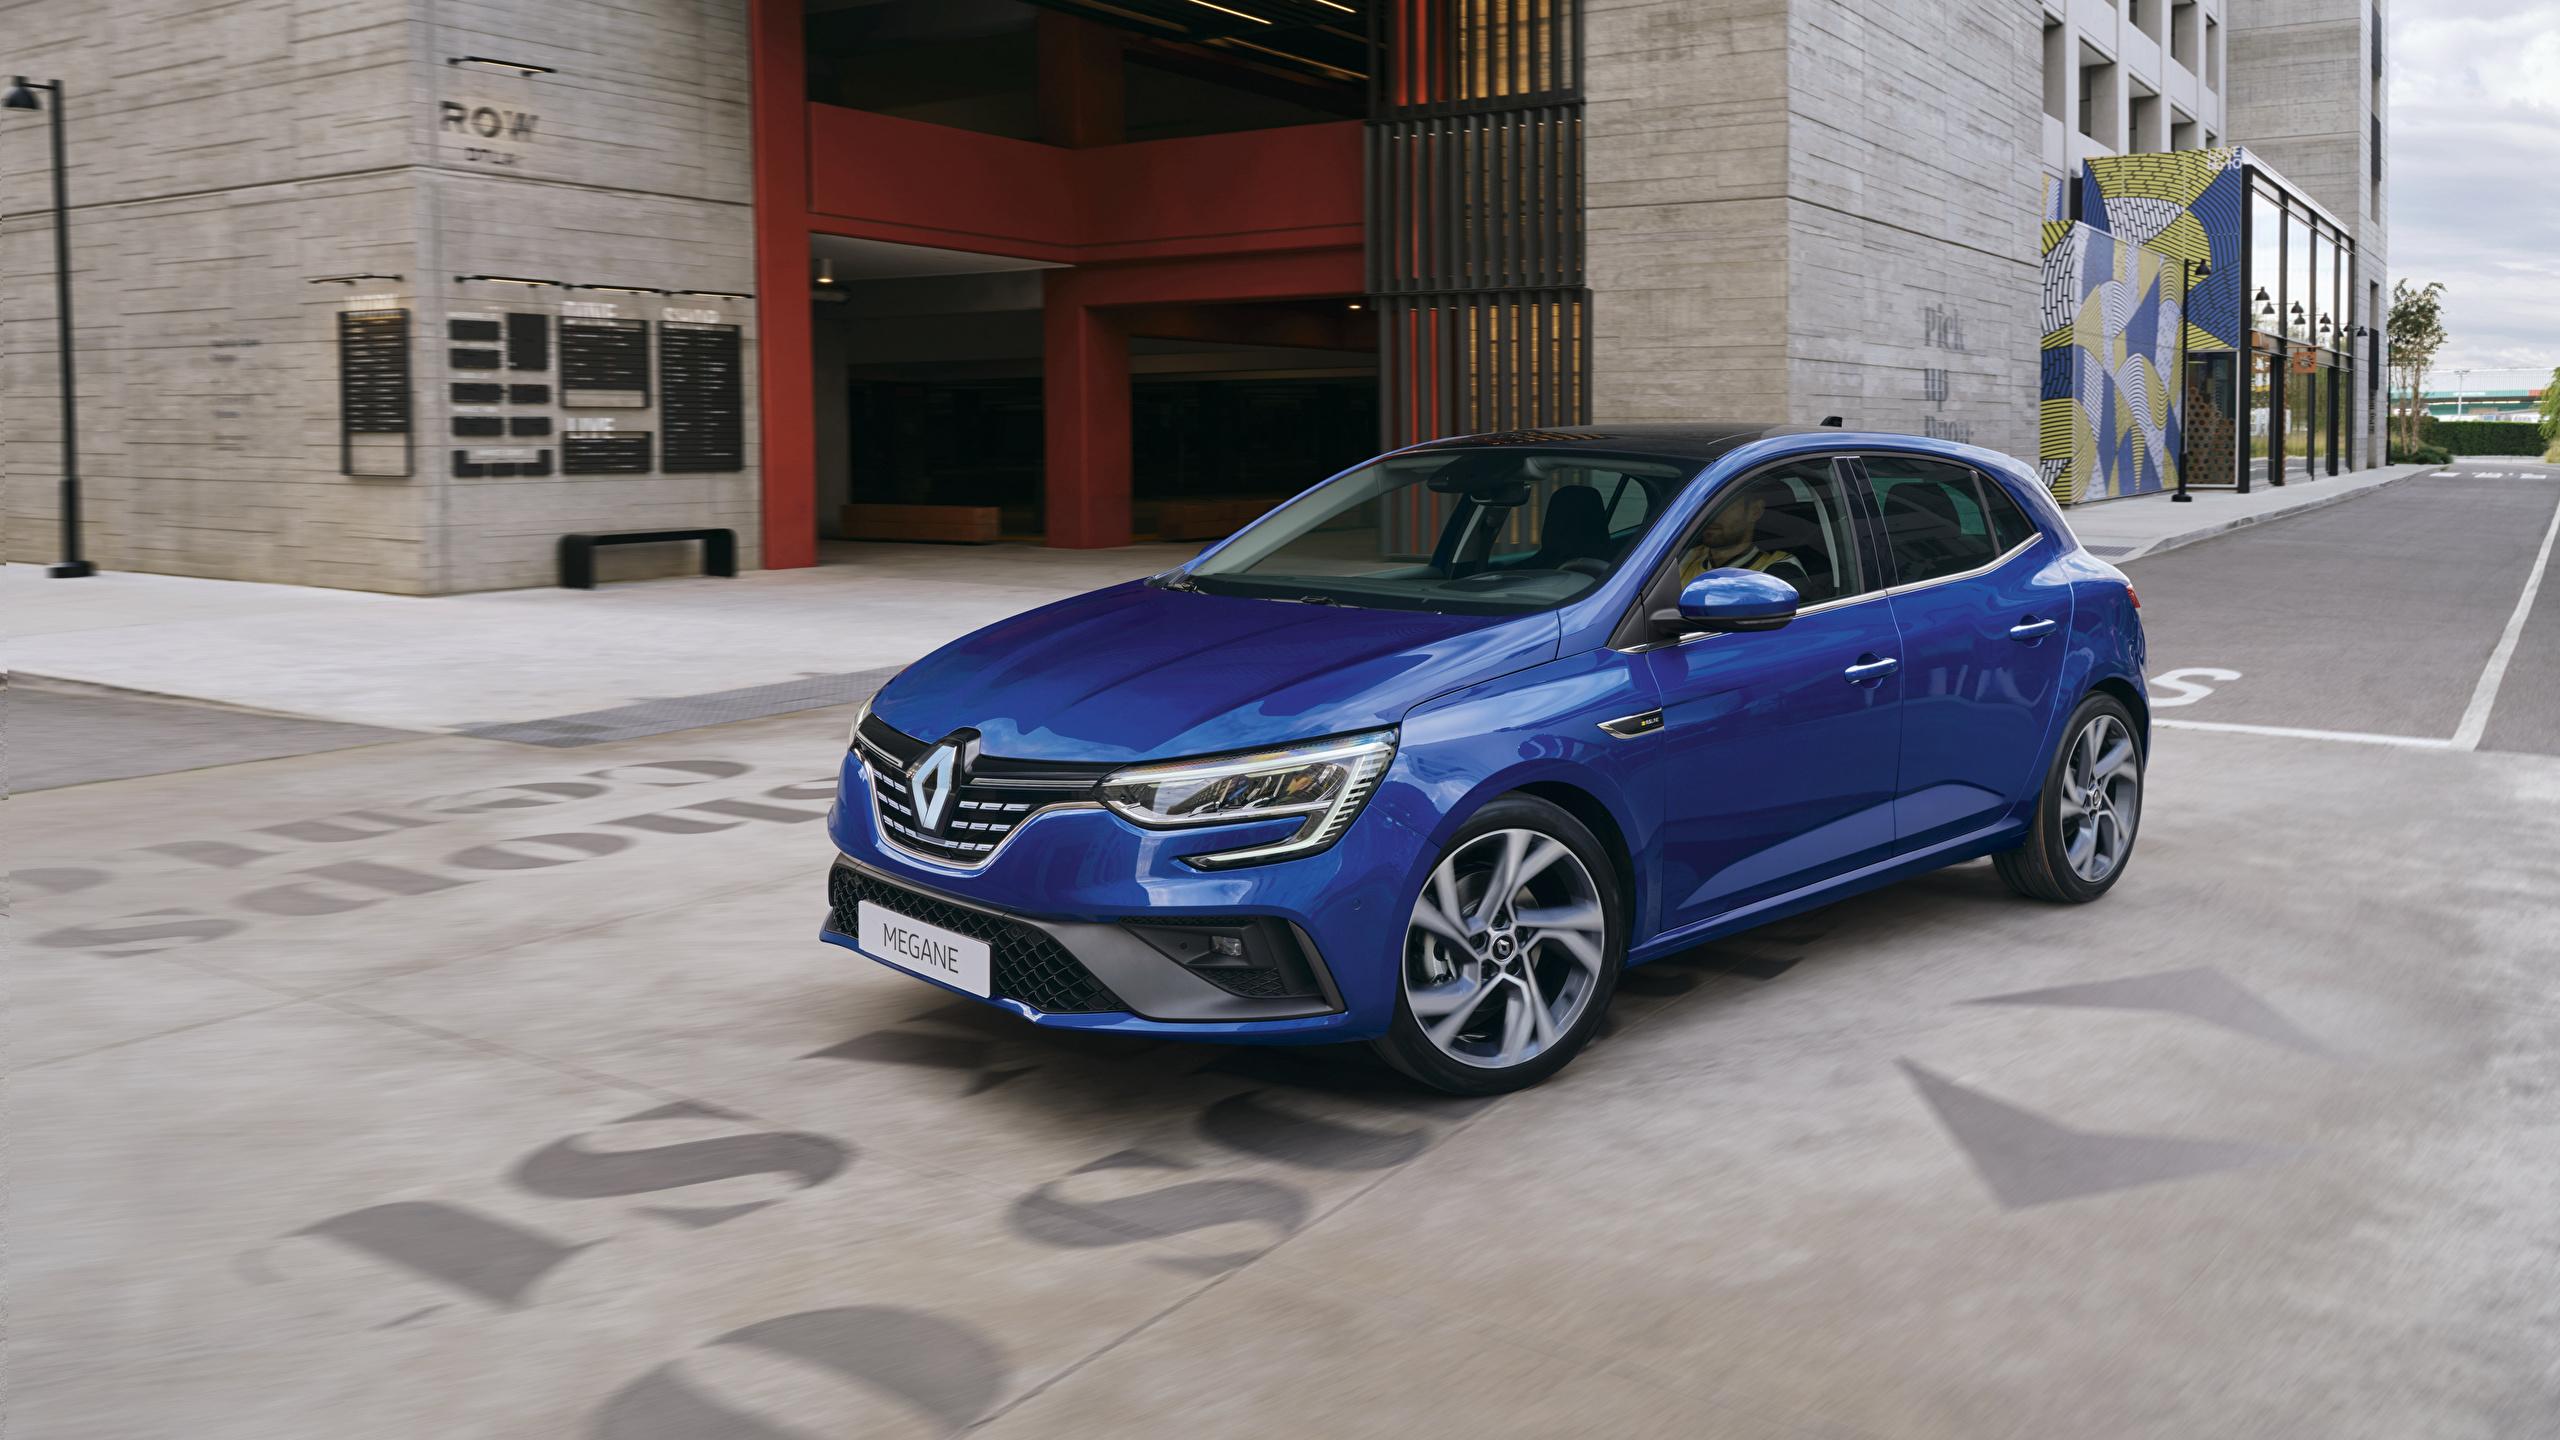 Desktop Hintergrundbilder Renault Blau automobil Metallisch 2560x1440 auto Autos